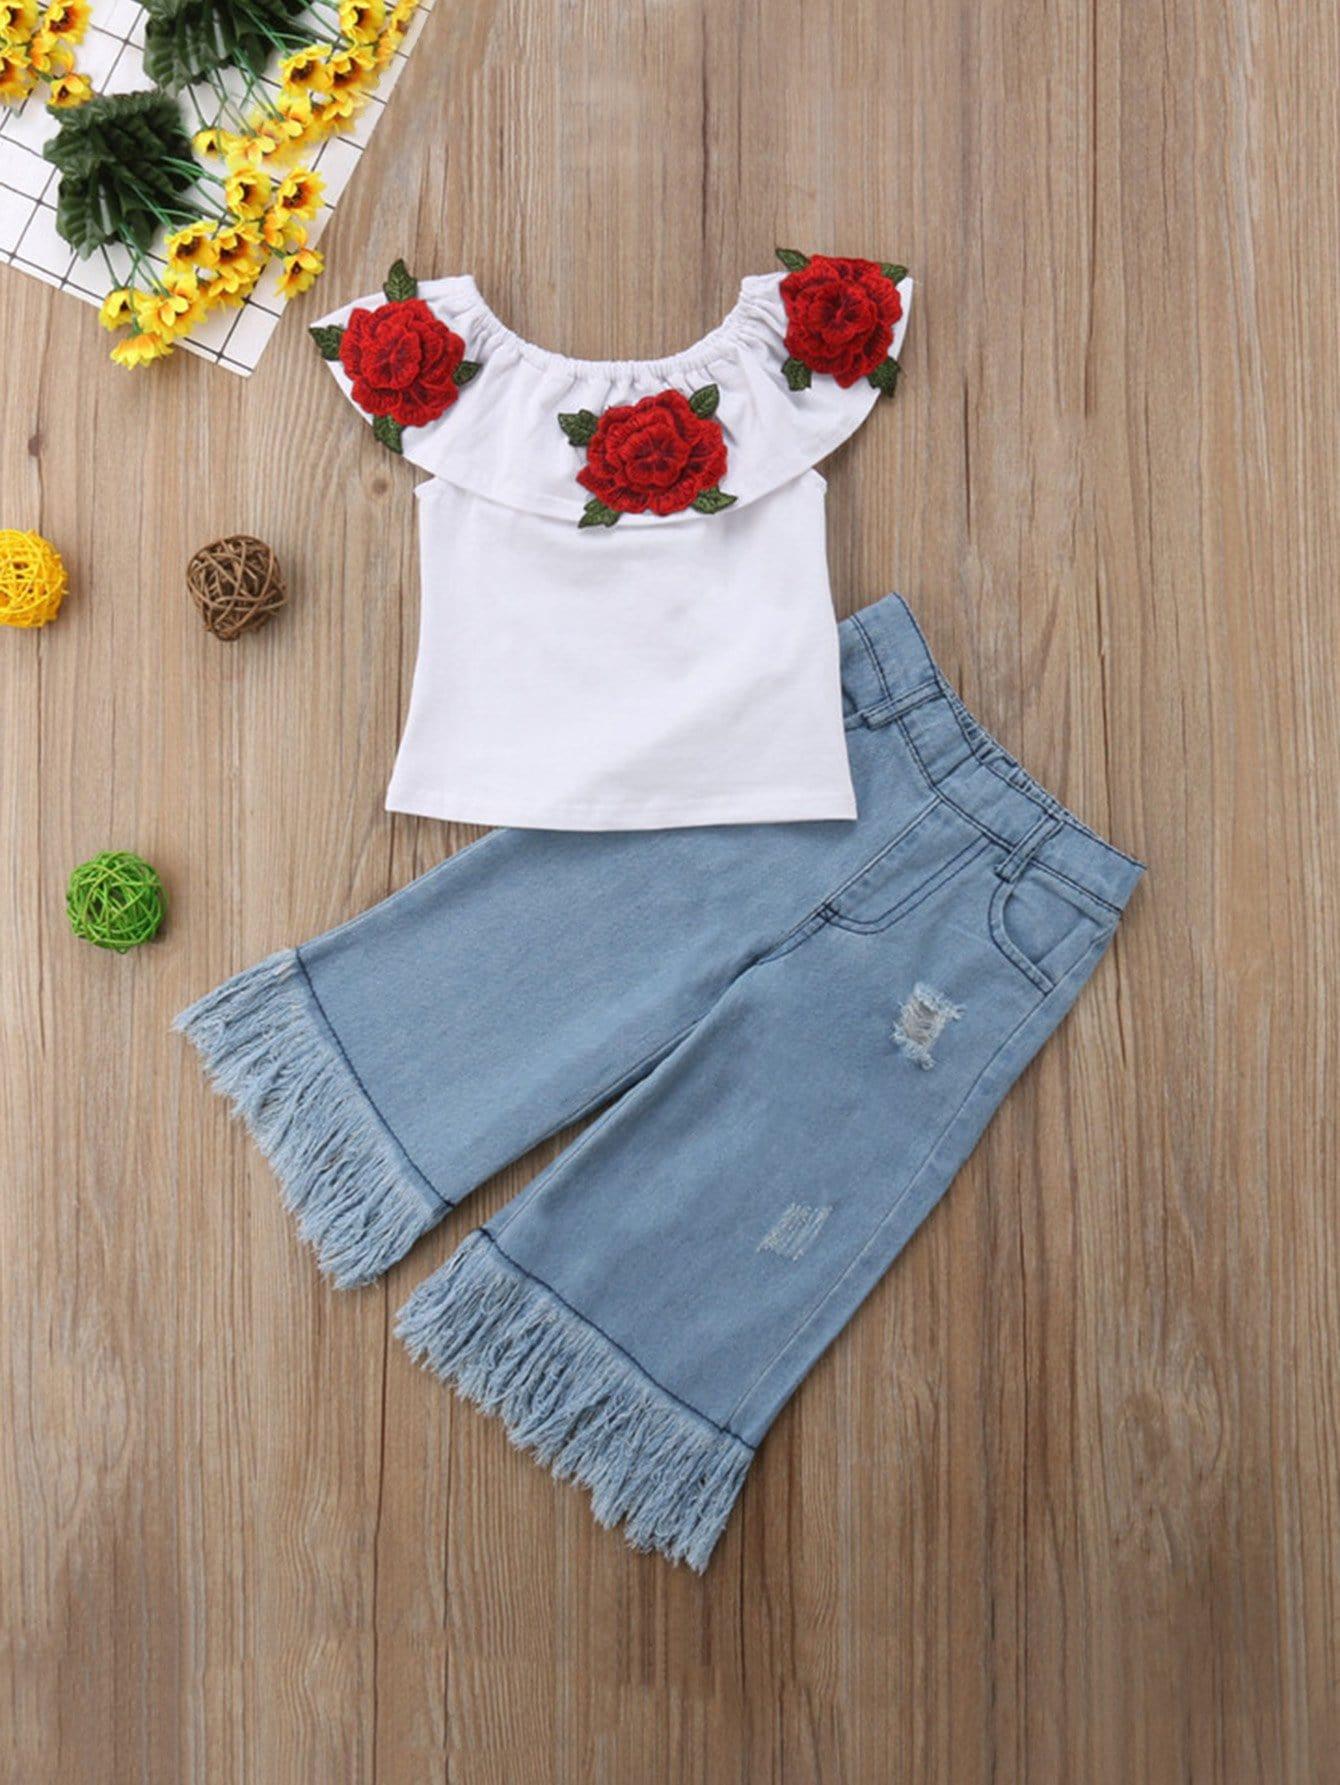 Ситцевая блуза с рисунком розы и шорты рельефными узорами для девочки